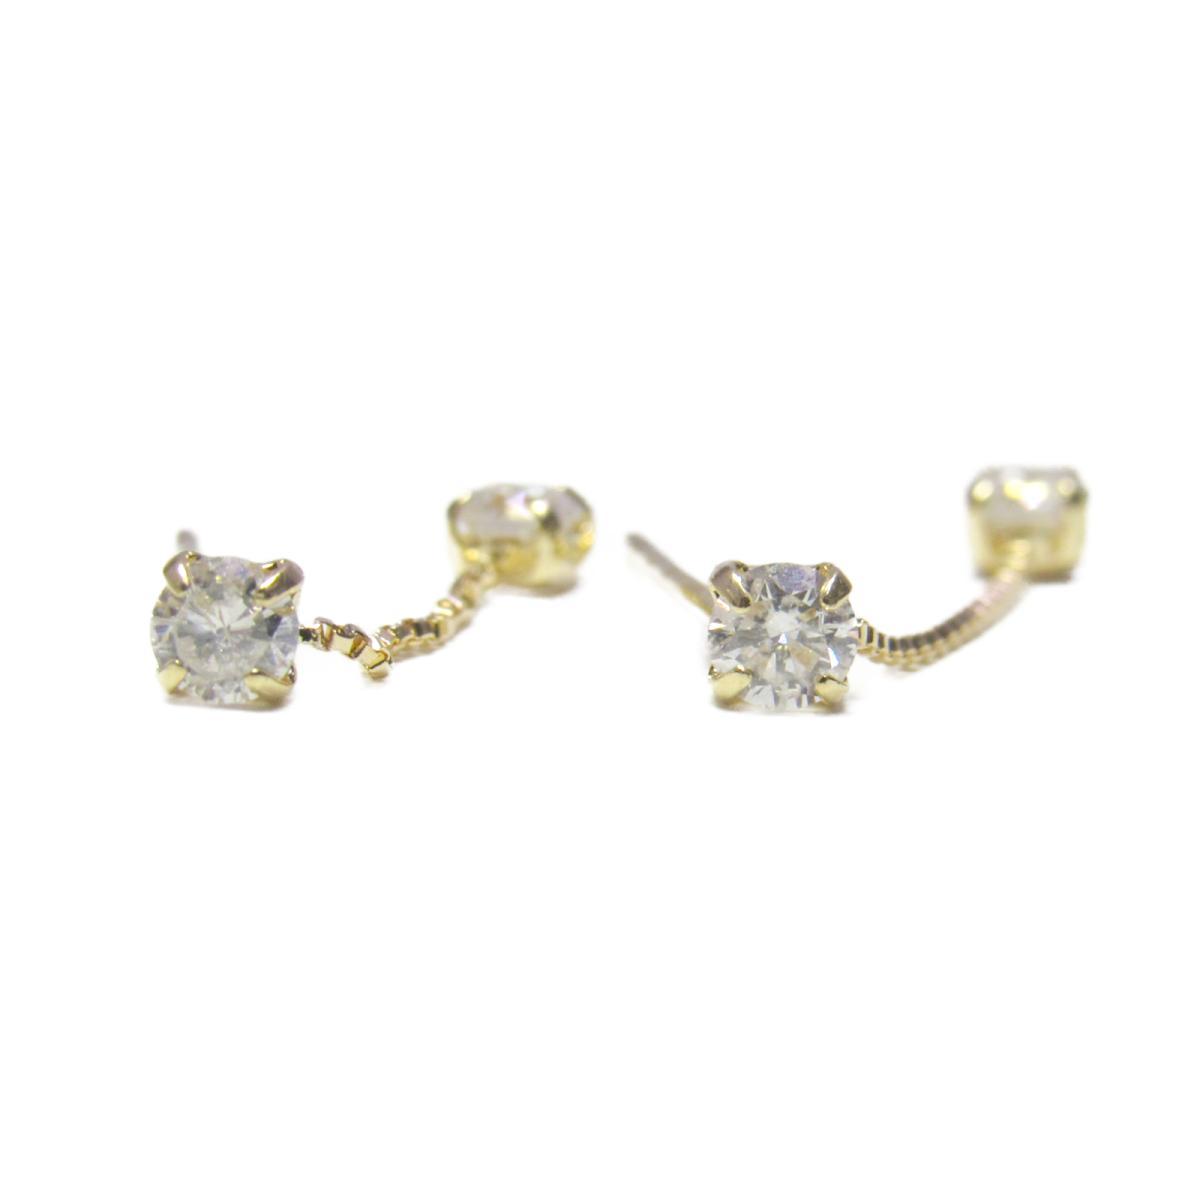 【中古】 ジュエリー ダイヤモンド ピアス レディース K18YG (750) イエローゴールド x (0.15ct 2) | JEWELRY BRANDOFF ブランドオフ ブランド アクセサリー